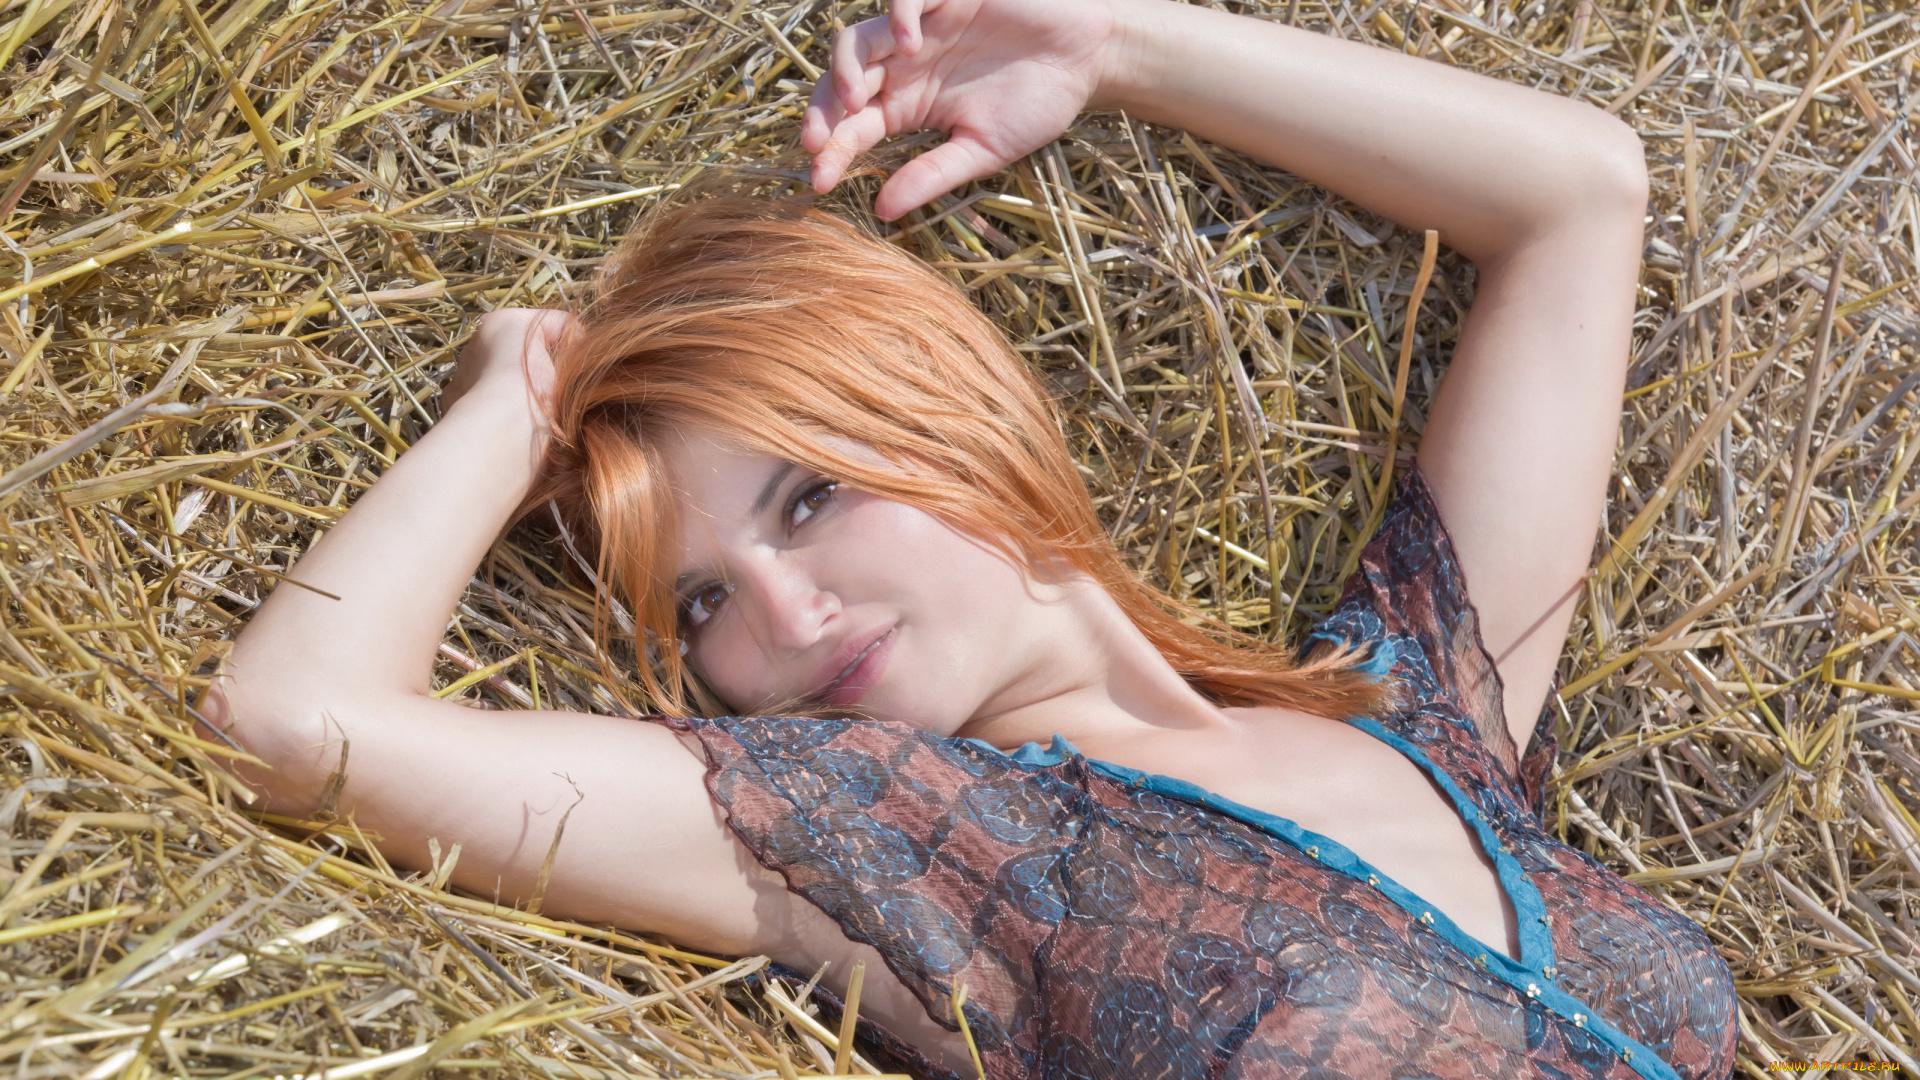 Эротические фото русской девушки от metart